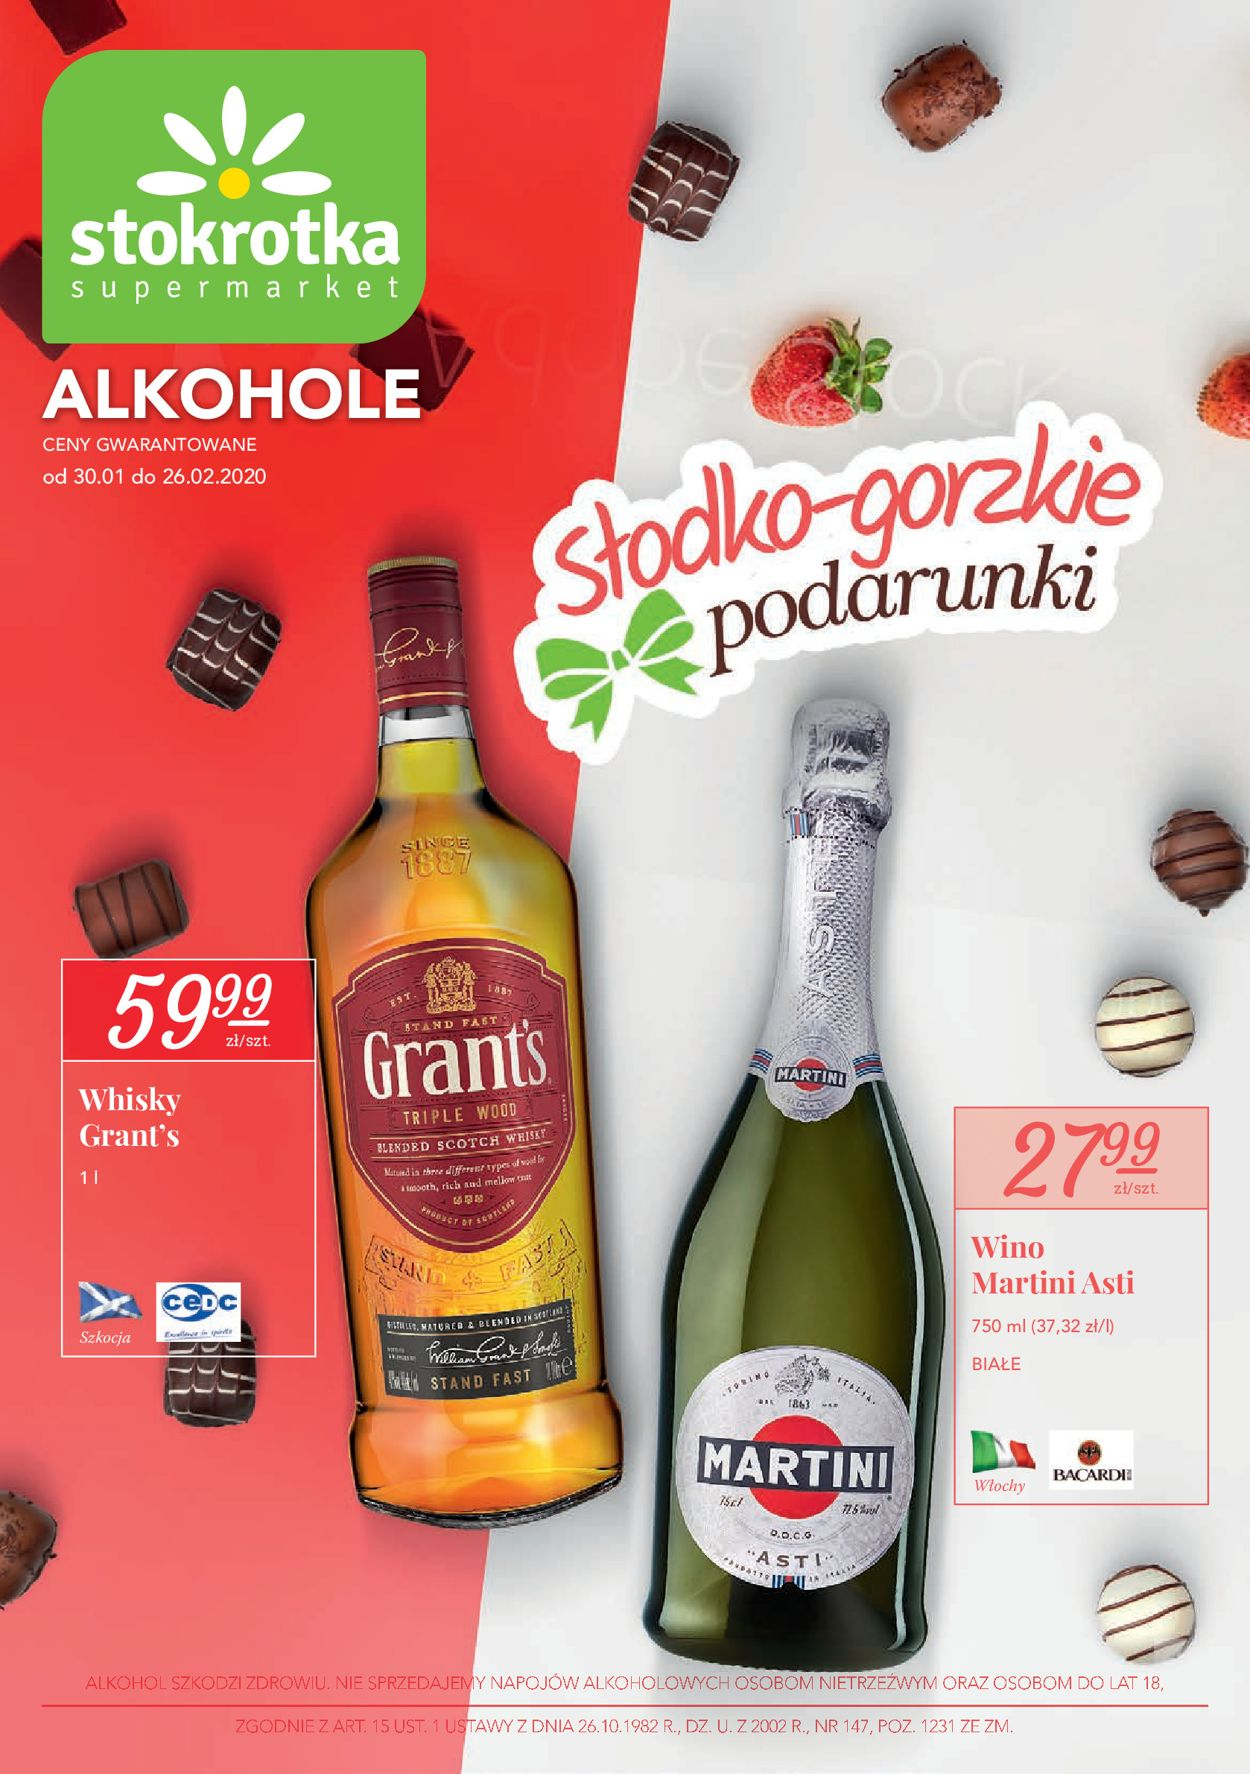 Gazetka promocyjna Stokrotka - 31.01-26.02.2020